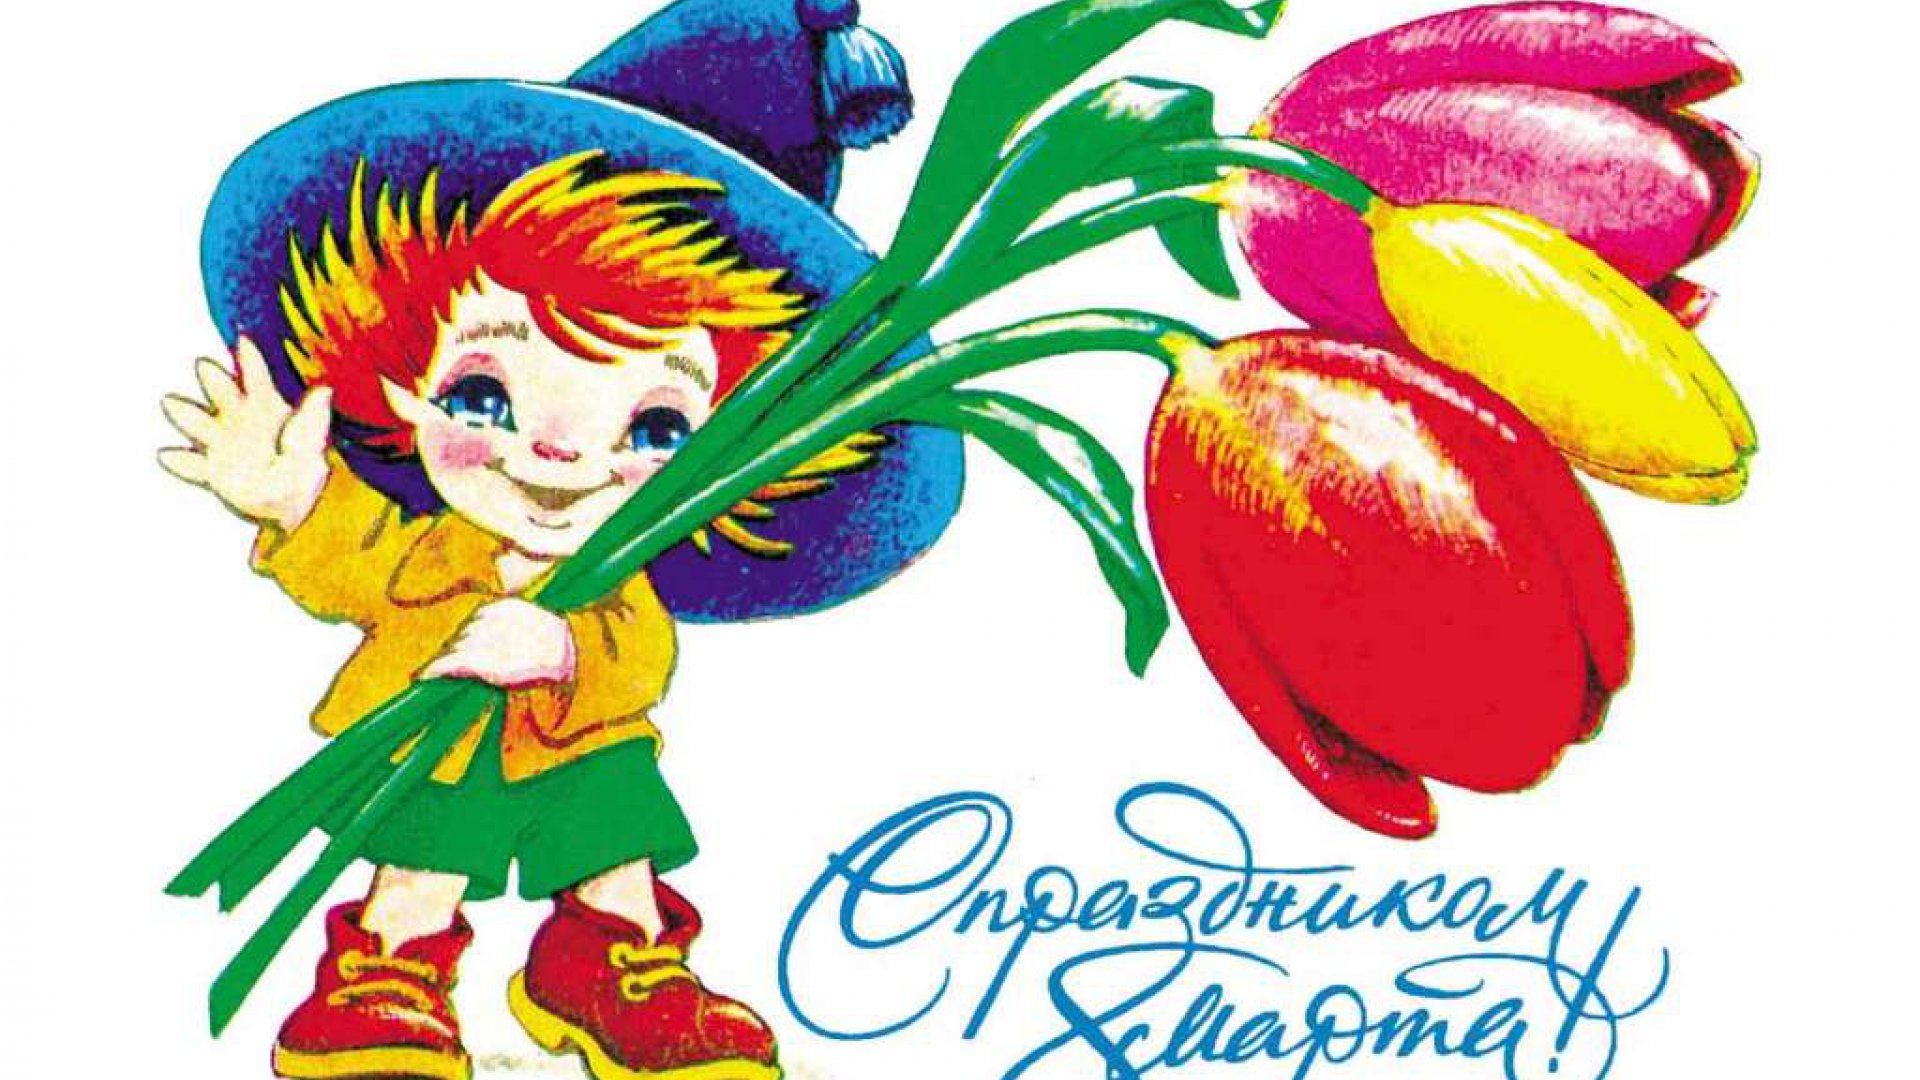 Прикольные картинки, открытки для ребенка с 8 марта